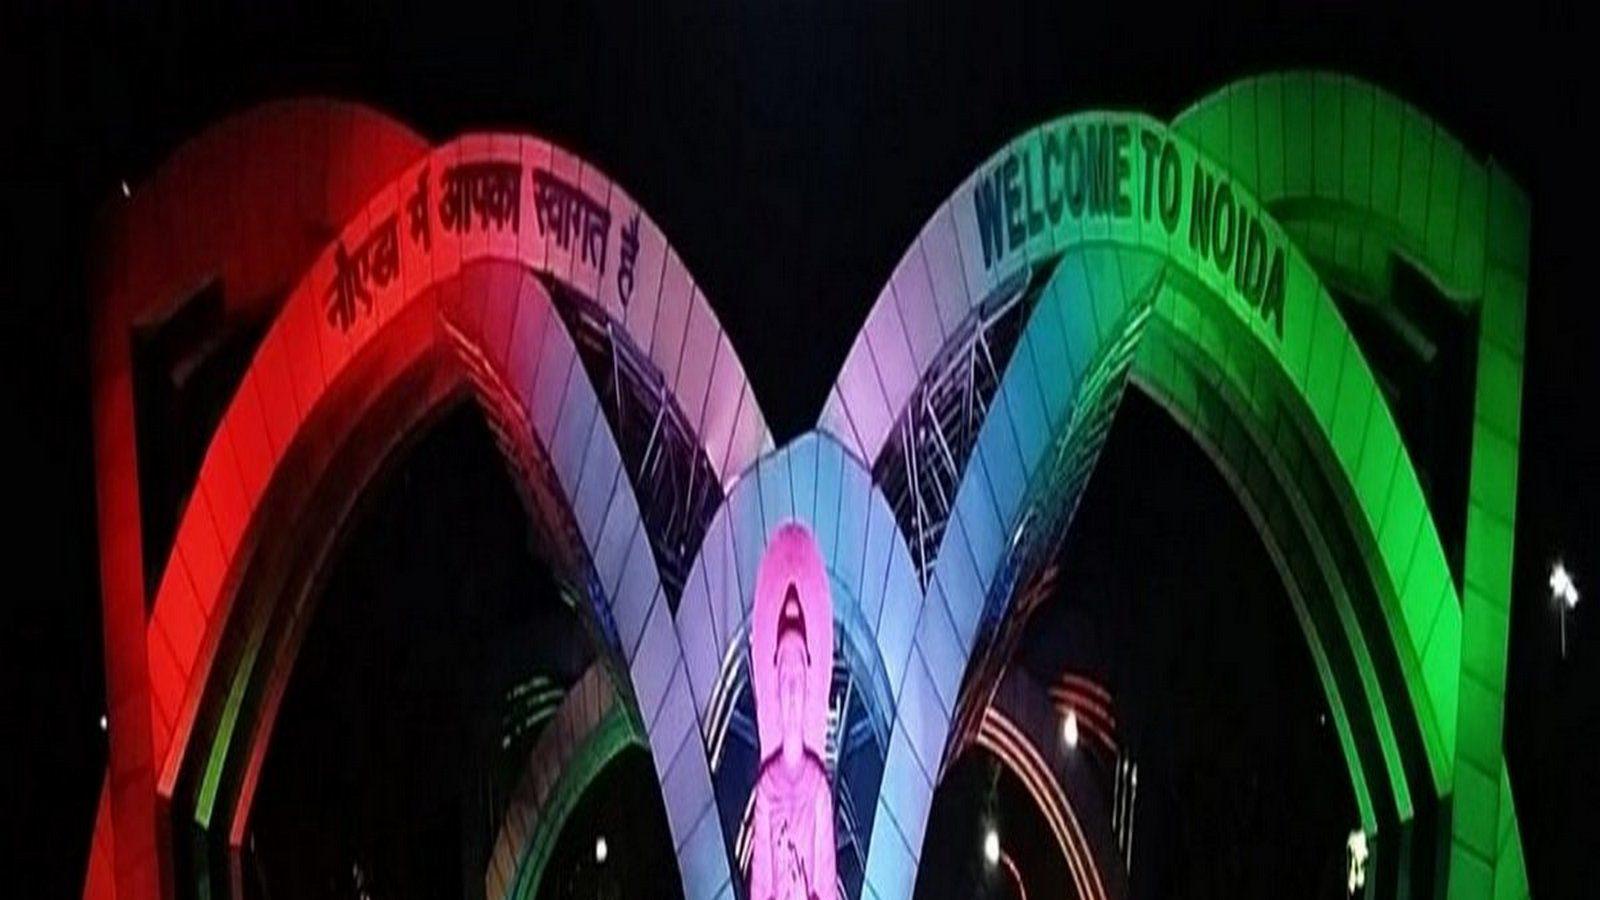 Noida अथॉरिटी 28 अक्टूबर से दे रही Online 122 प्रॉपर्टी खरीदने का मौका